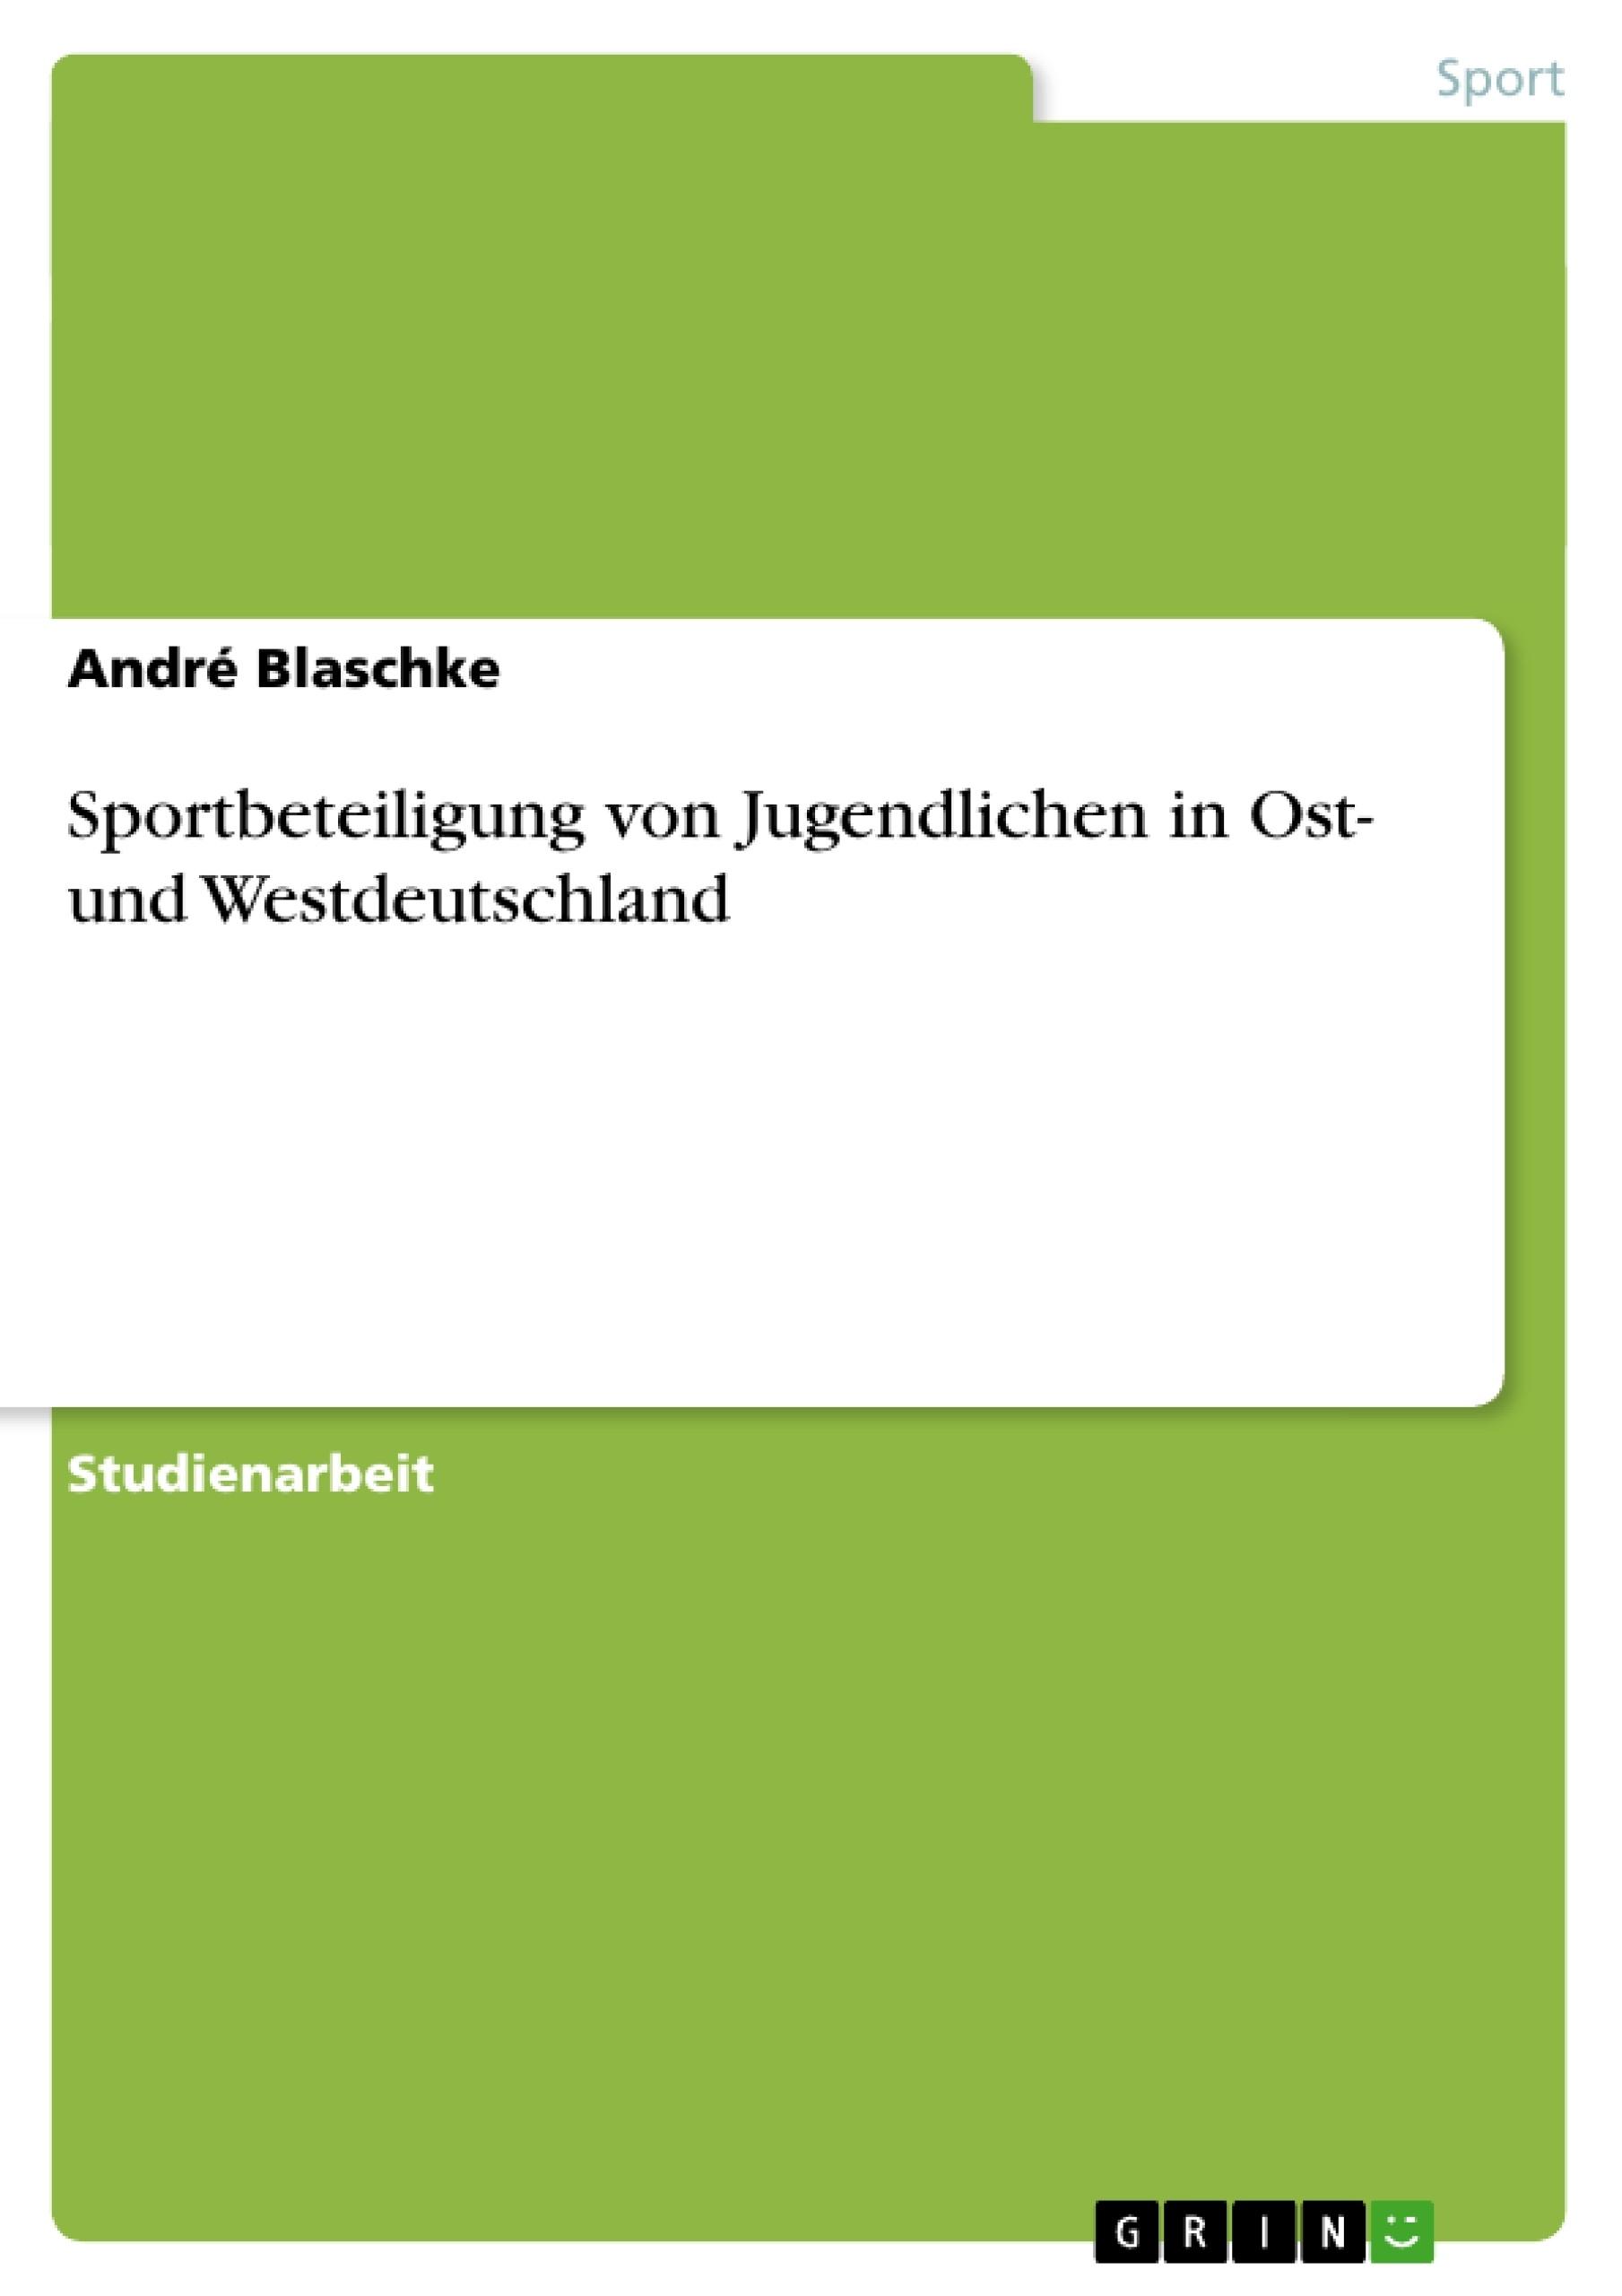 Titel: Sportbeteiligung von Jugendlichen in Ost- und Westdeutschland